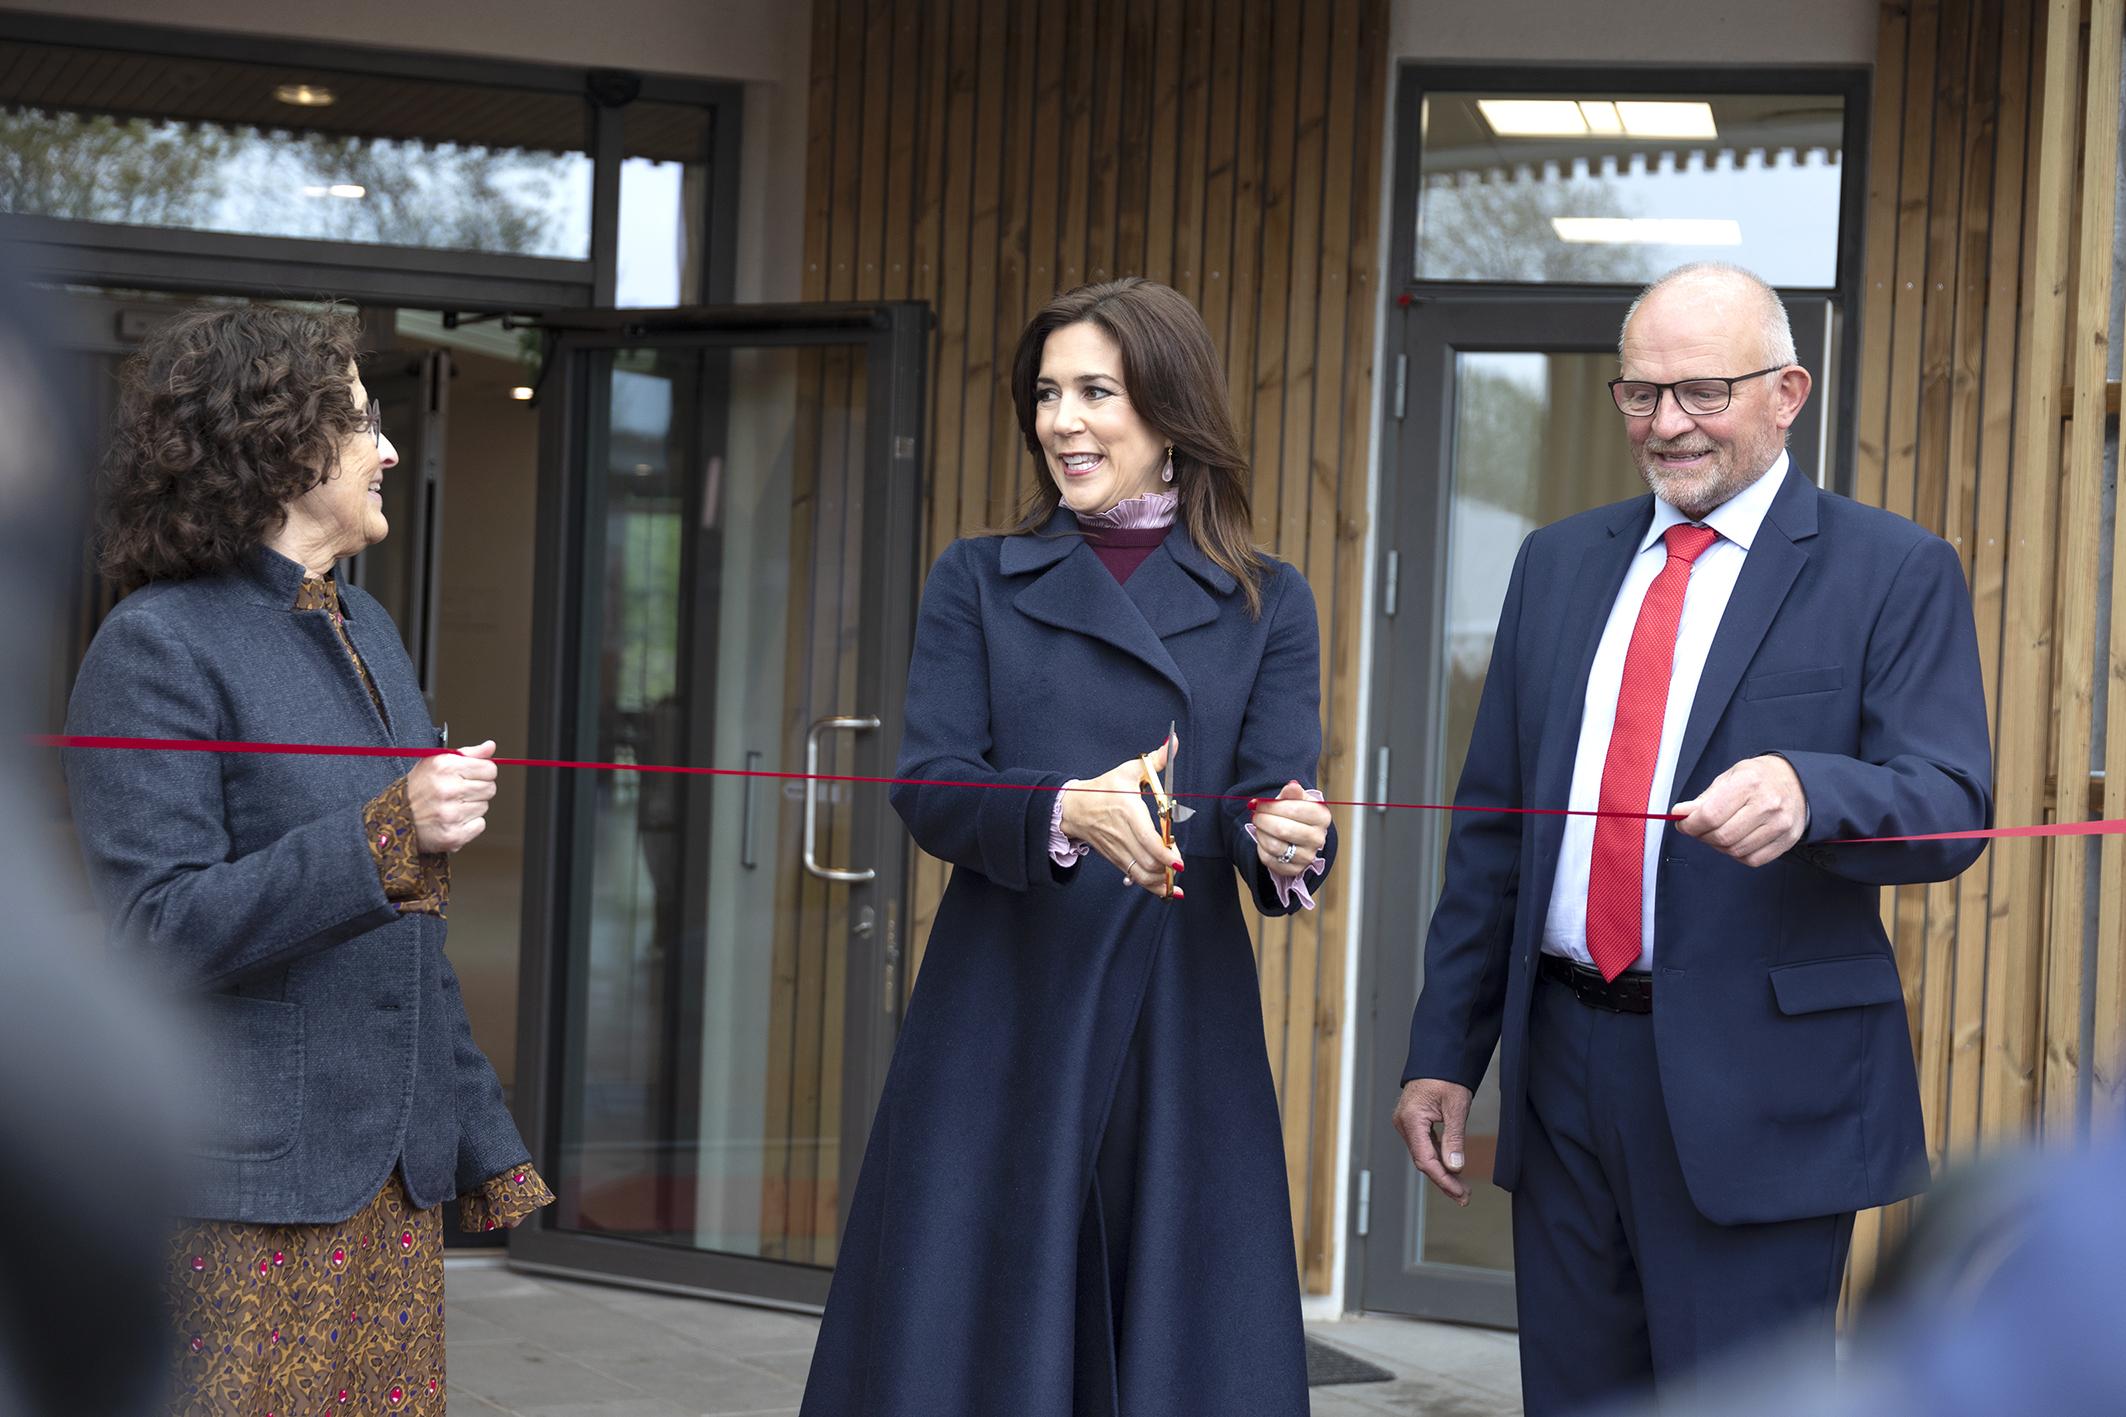 1a91ffb33f87 ... sammen med hospicechef Anette Agerbæk (tv) og hospicets  bestyrelsesformand Mogens Nørgård (th). (Foto  Line Bloch Klostergaard